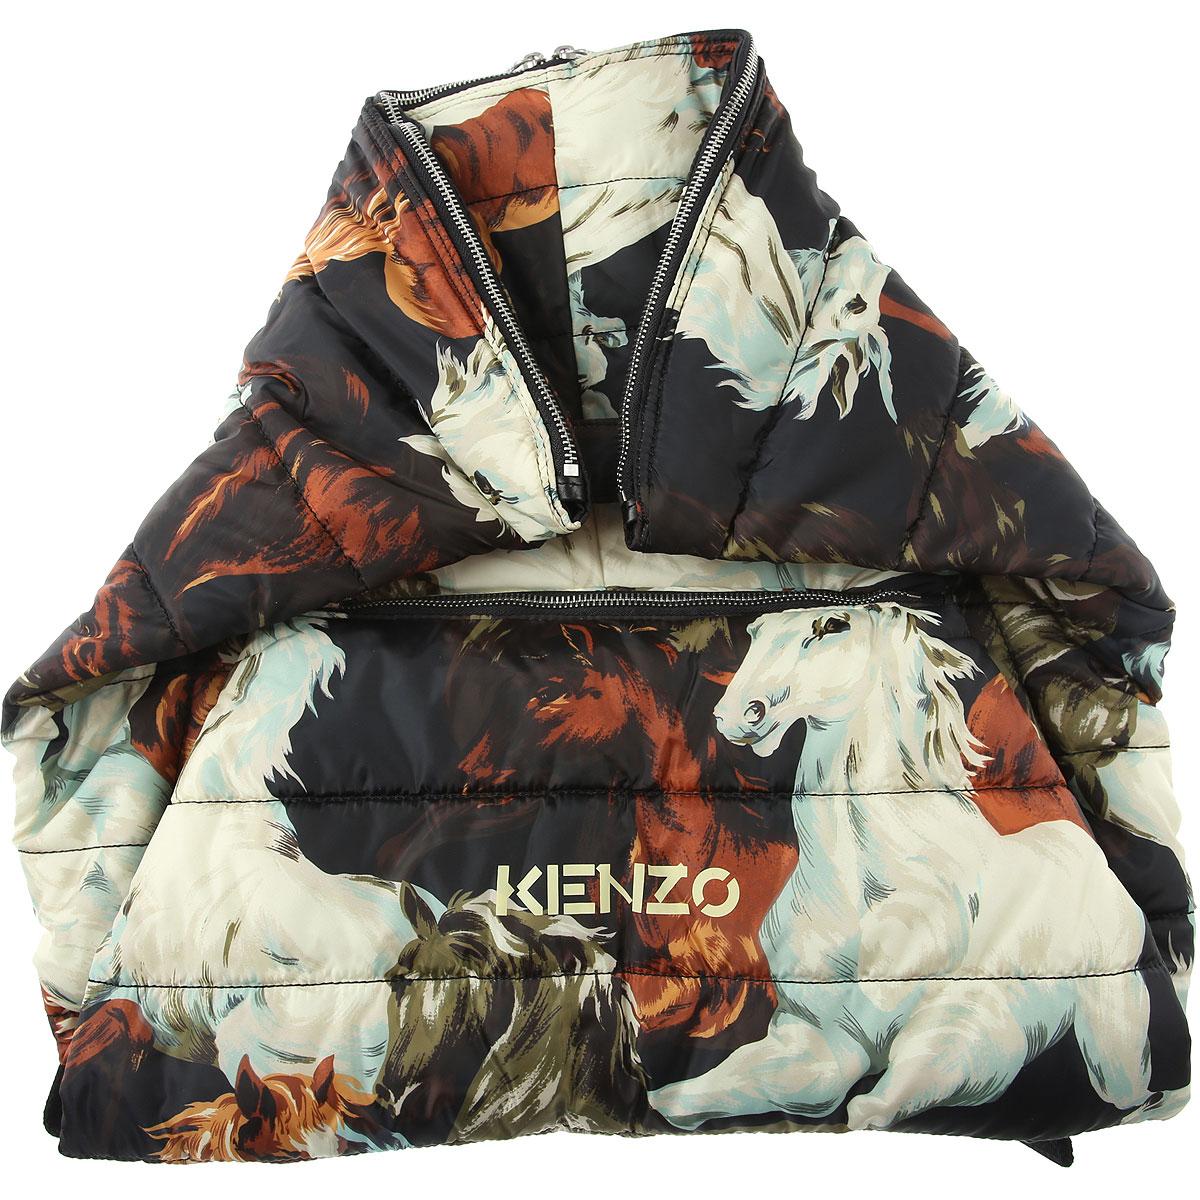 Kenzo Backpack for Men, Multicolor, Nylon, 2019